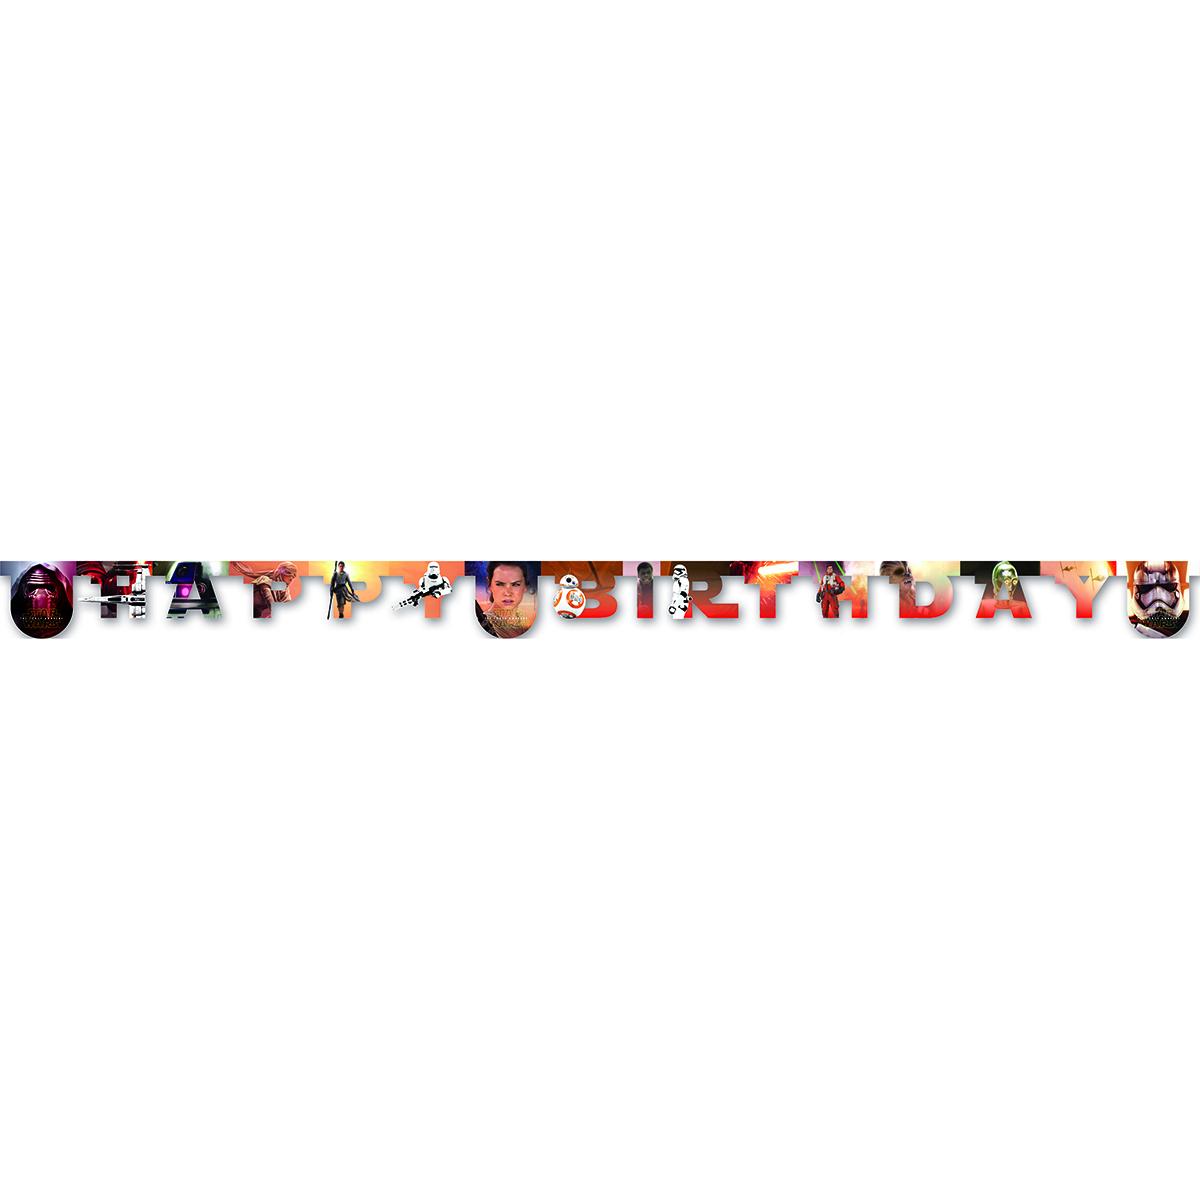 Procos Гирлянда-буквы Happy Birthday Звездные войны1505-0861Гирлянда-буквы Procos Happy Birthday. Звездные войны выполнена из картона и оформлена изображением героев седьмого эпизода знаменитой саги. Гирлянда представляет собой надпись Happy Birthday, которая очень легко и просто развешивается над потолком, создавая атмосферу волшебного праздника. Элементы гирлянды скрепляются друг с другом с помощью подвижных металлических соединений. Крайние карточки имеют ниточные петли для удобства крепления гирлянды. Такая гирлянда украсит ваш праздник и подарит имениннику отличное настроение.